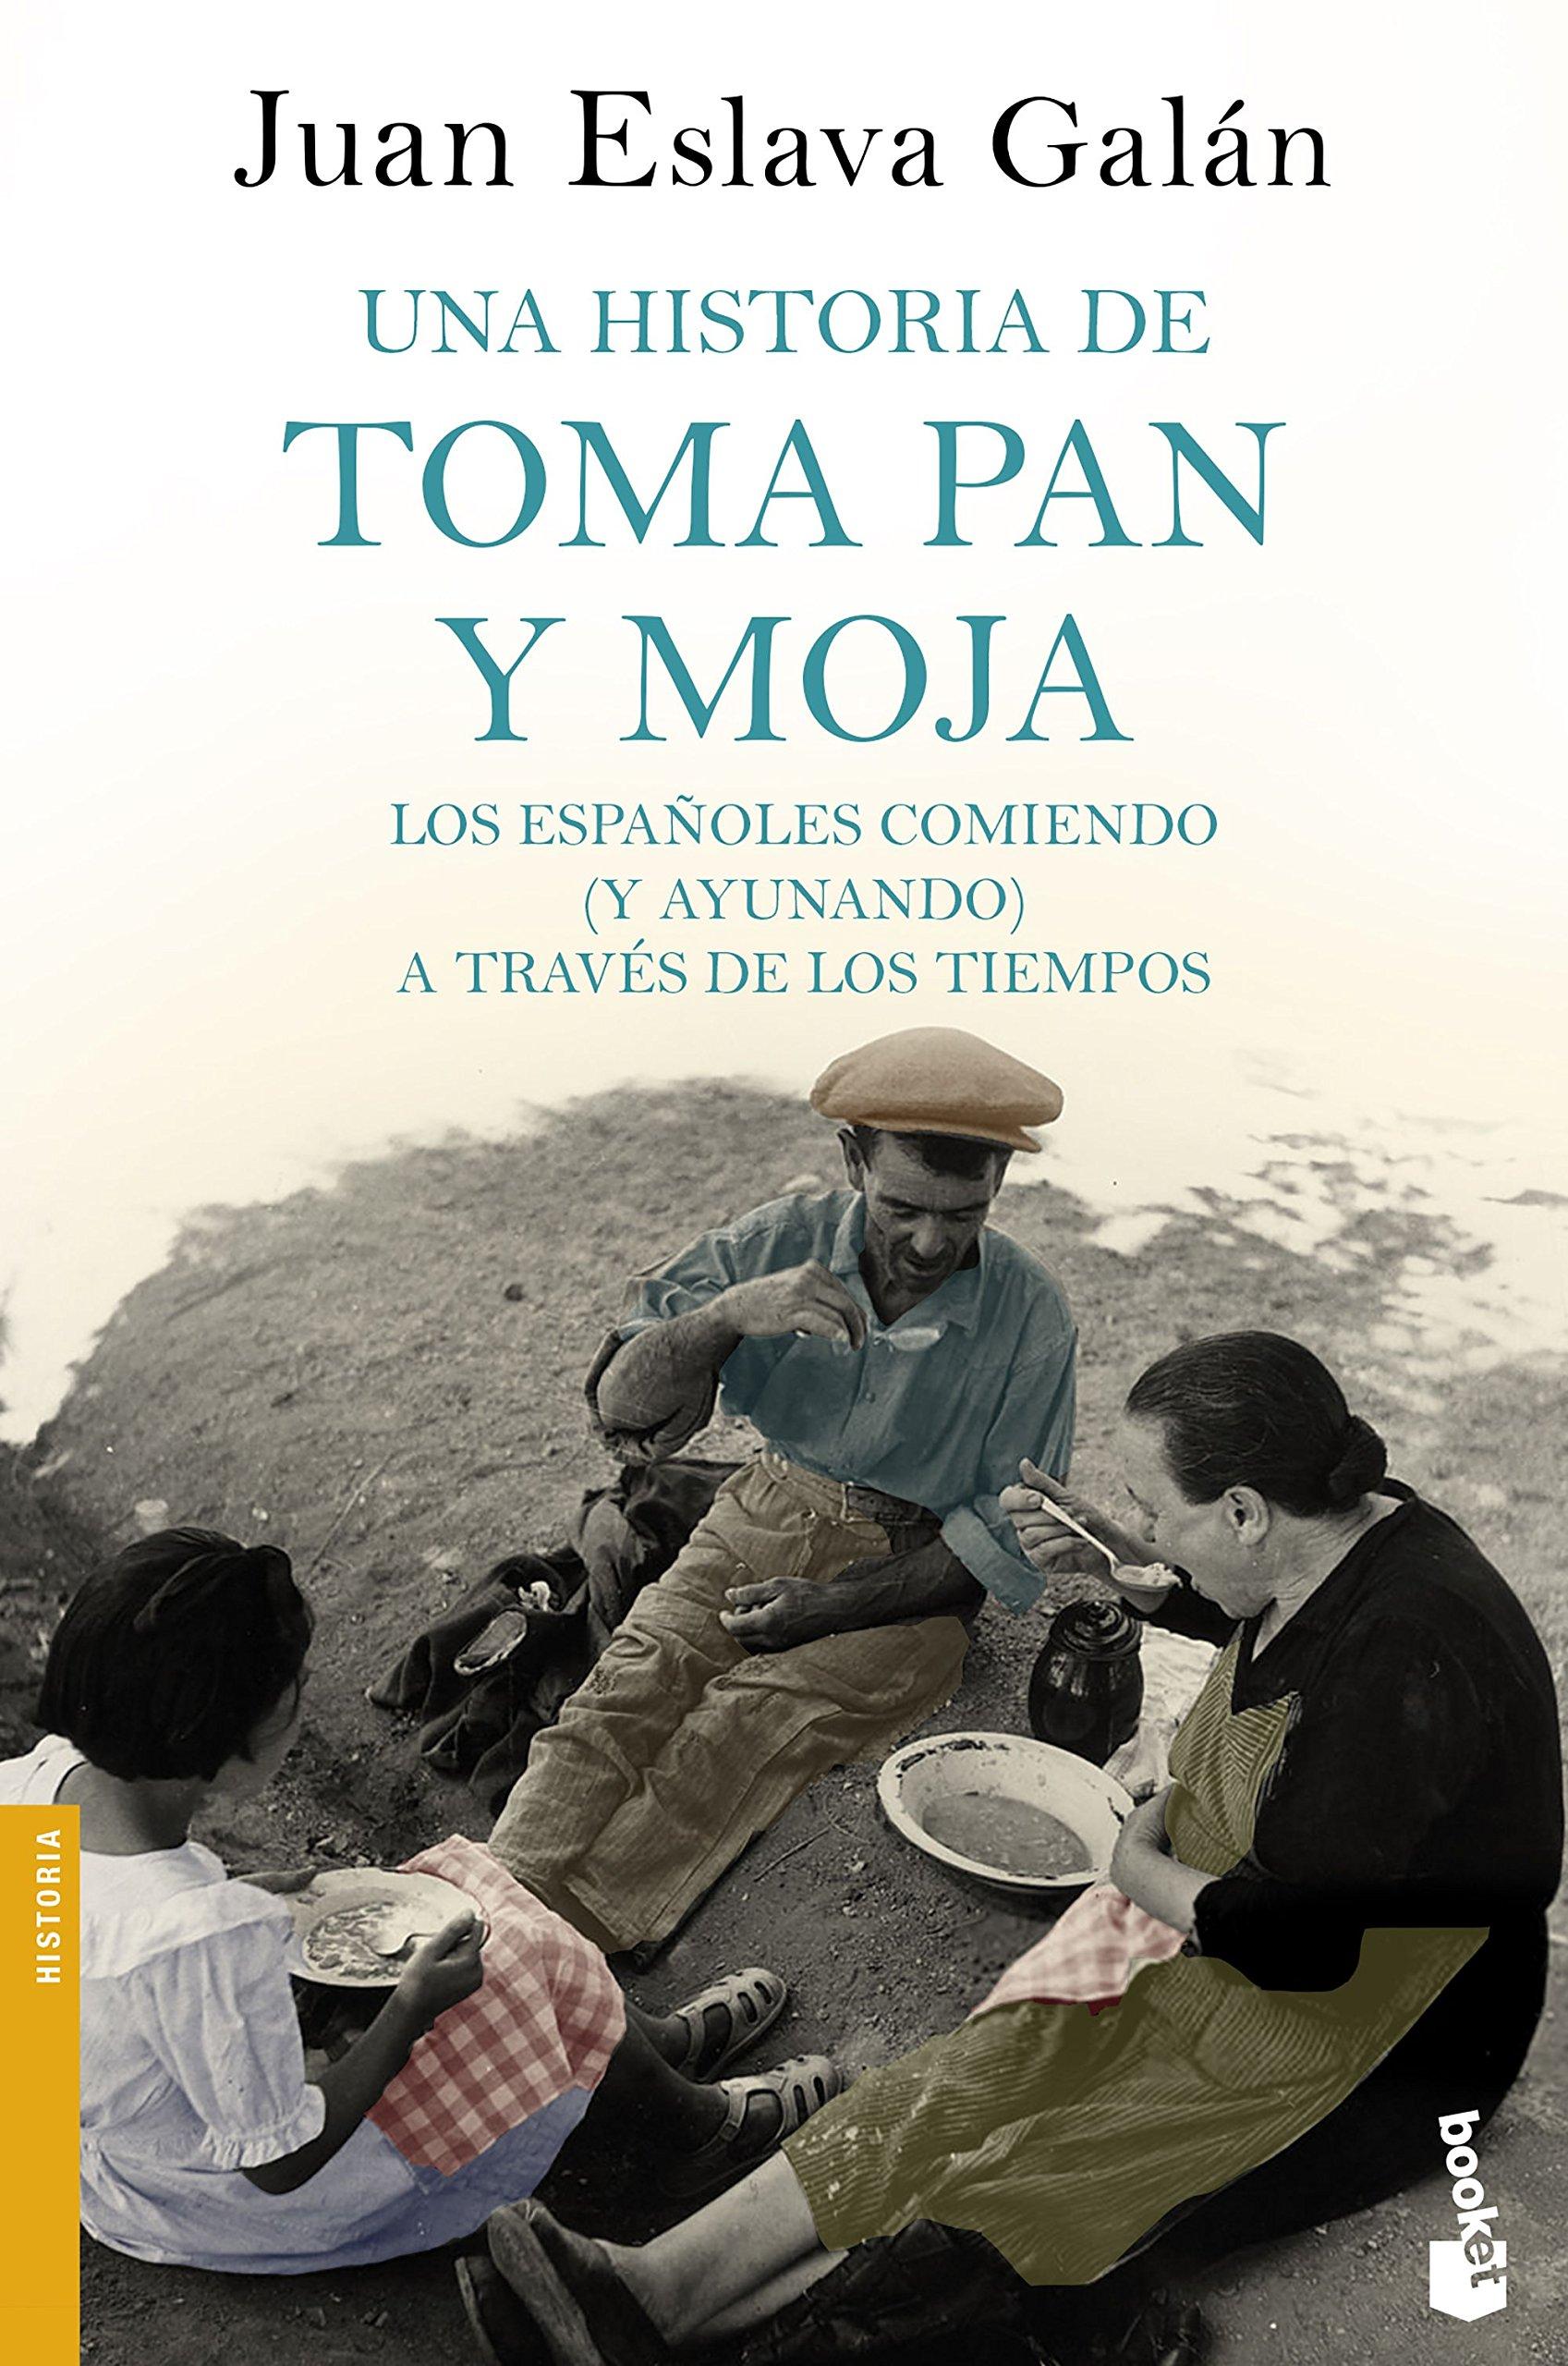 Una historia de toma pan y moja: Los españoles comiendo (y ayunando) a través de la Historia (Divulgación) Tapa blanda – 15 may 2018 Juan Eslava Galán Booket 840818556X Spain